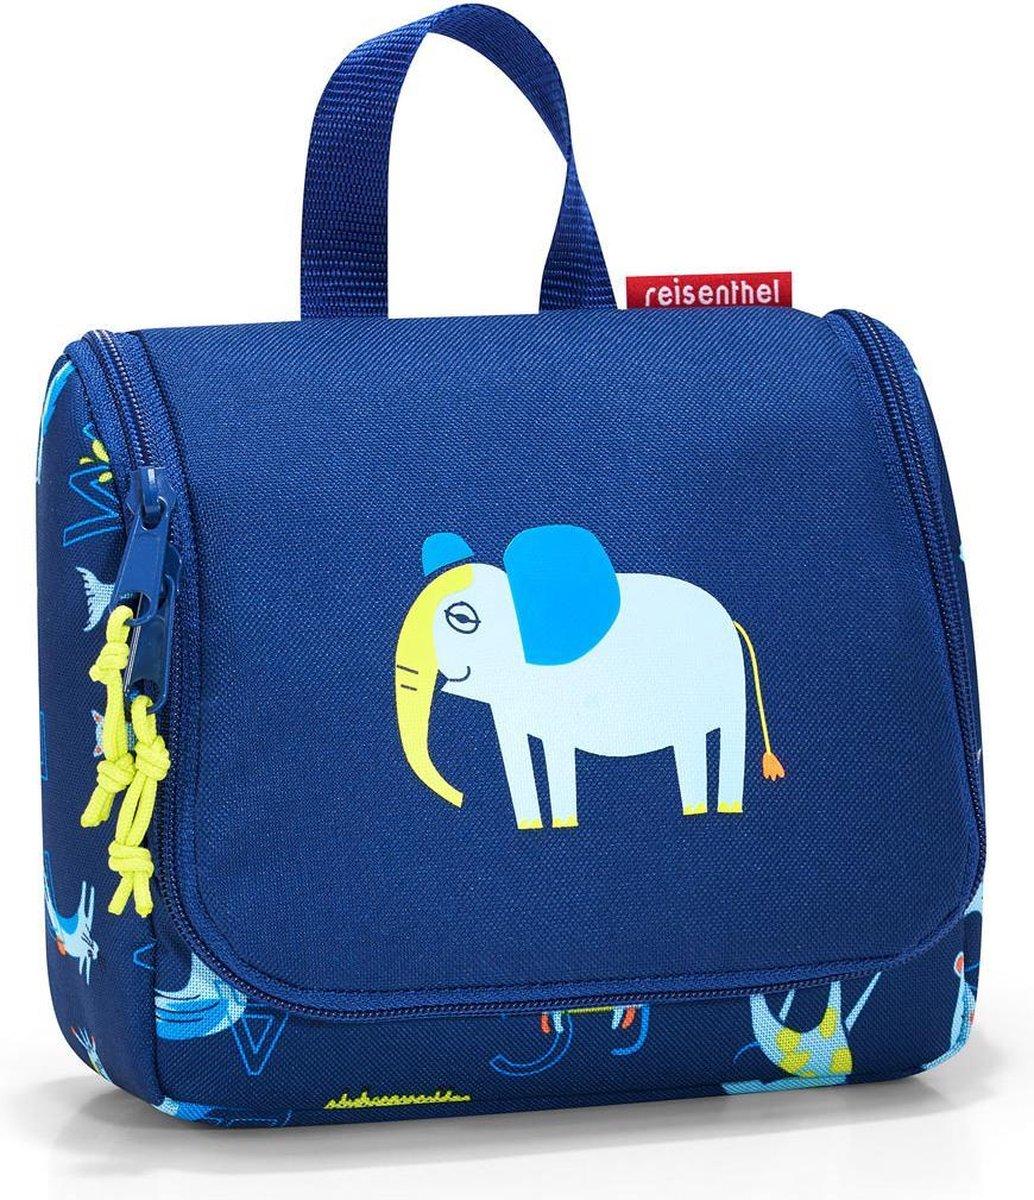 Reisenthel Toiletbag S Kids Toilettas 1.5 L - ABC Friends Blue